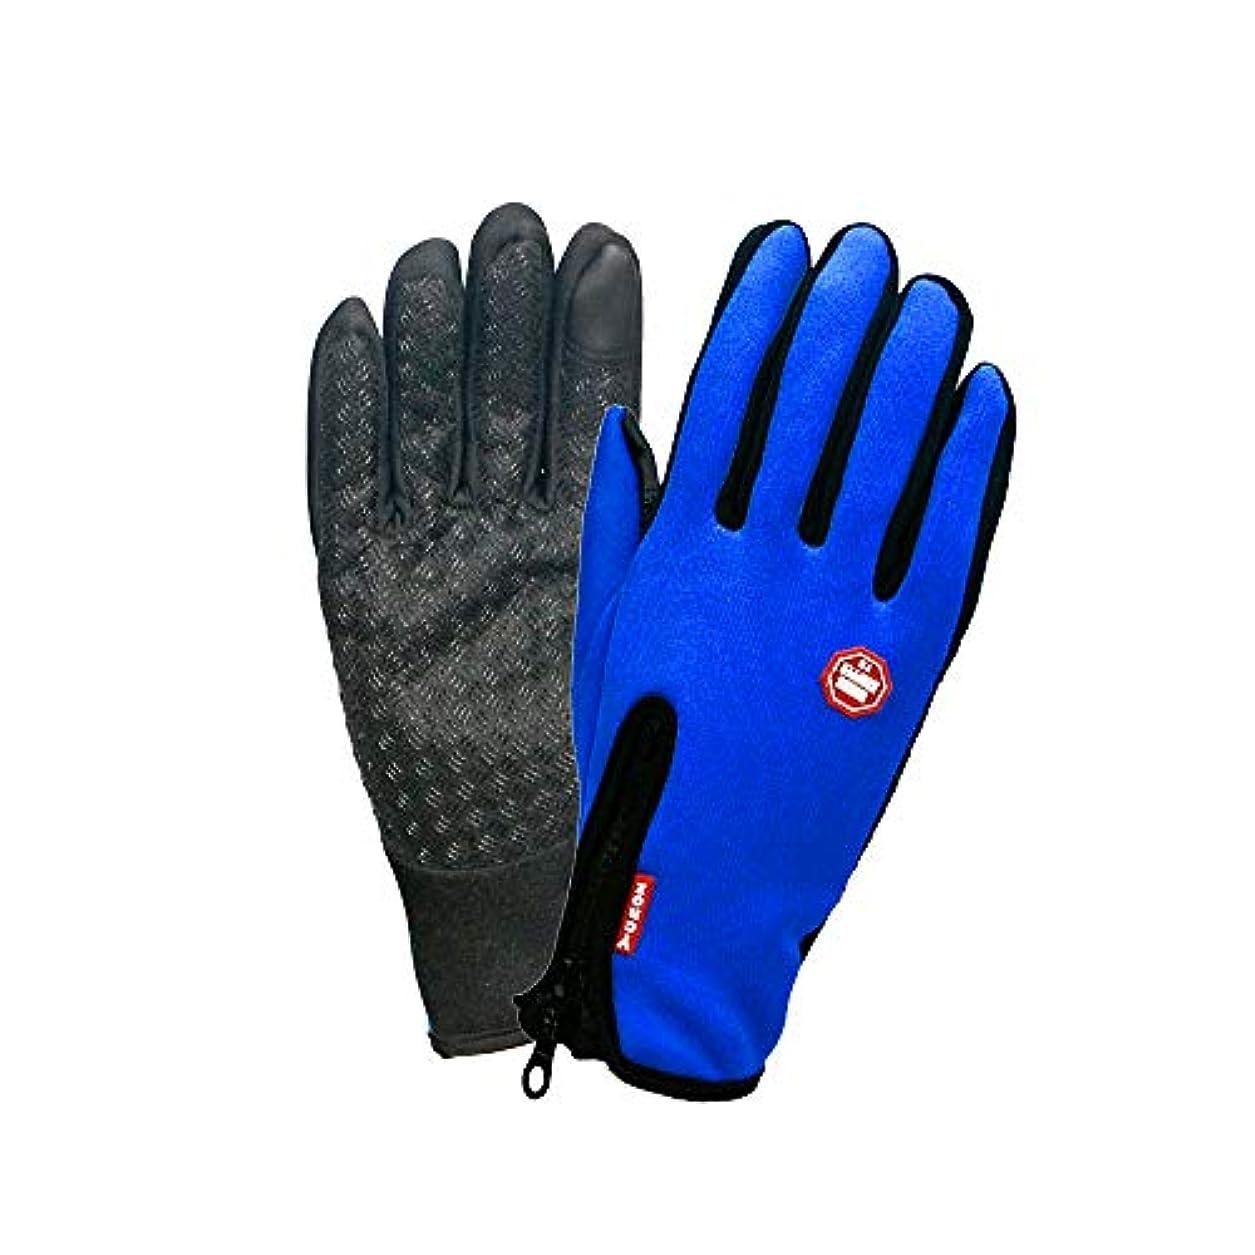 物足りないウールサイトライン通販のトココ 自転車 バイク アウトドア 登山 M ブルー 手袋 防寒 防風 防水 グローブ スマホ対応 タッチパネル ap043-bl-m